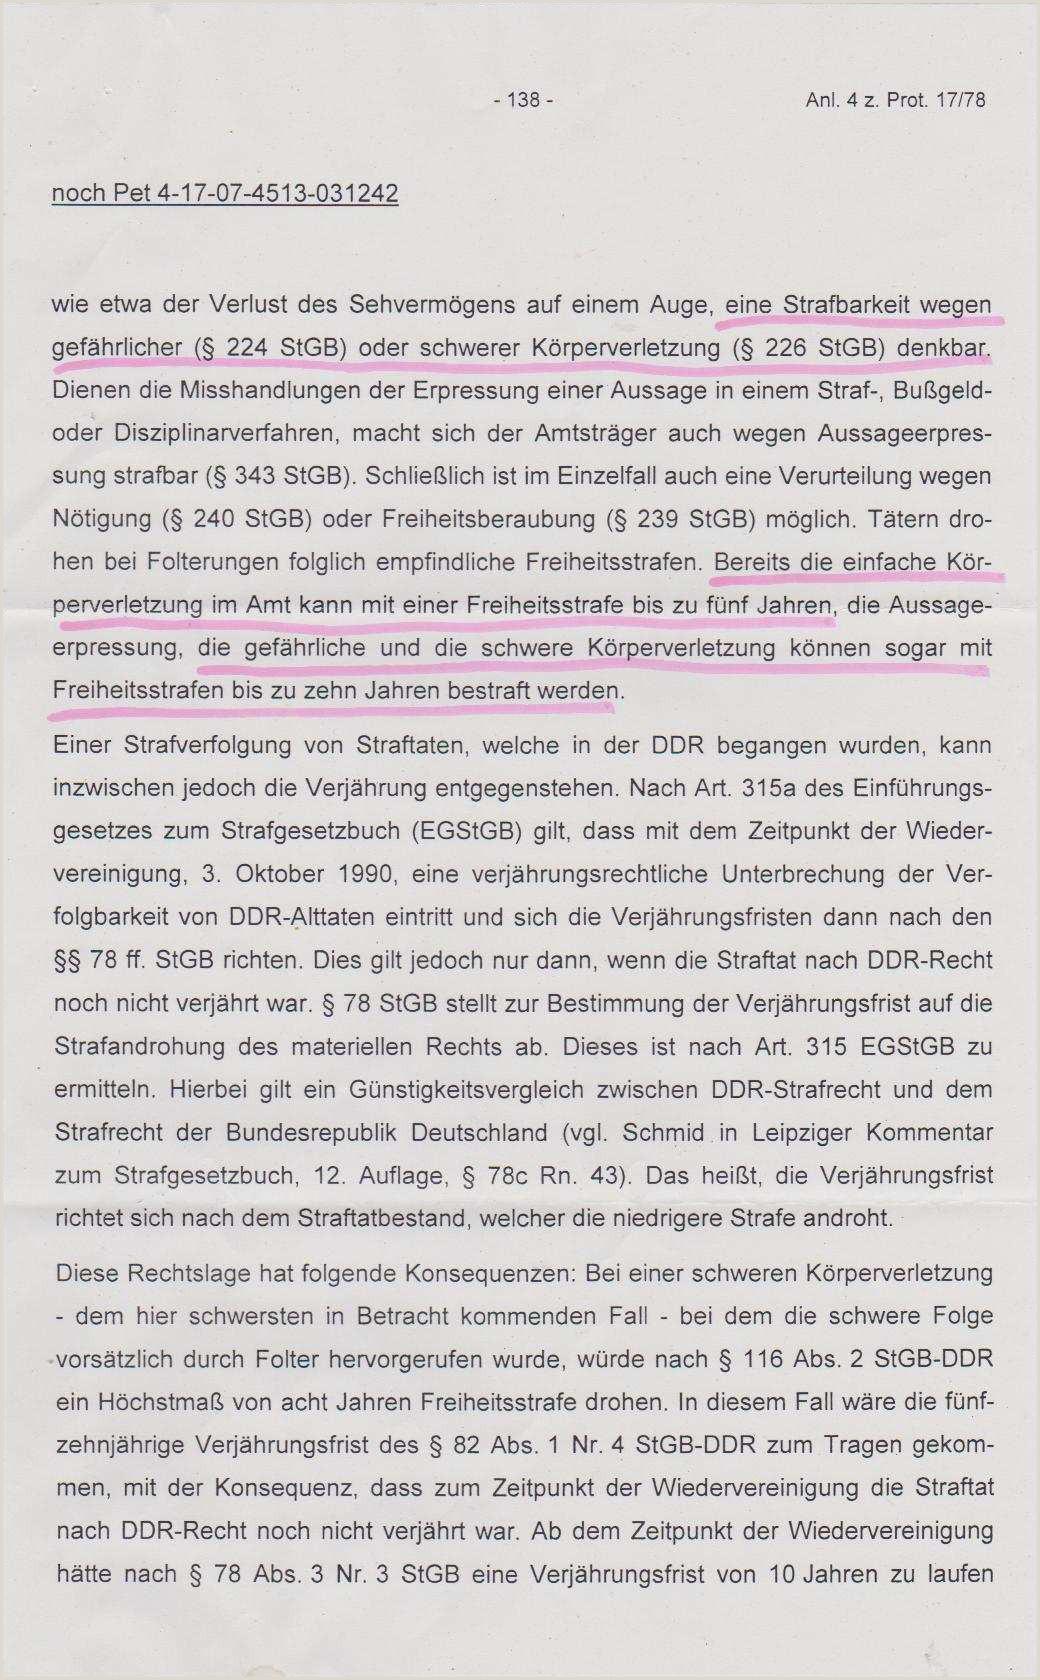 Lebenslauf Muster Textform 19 Coolhandschriftlicher Ausführlicher Lebenslauf Muster